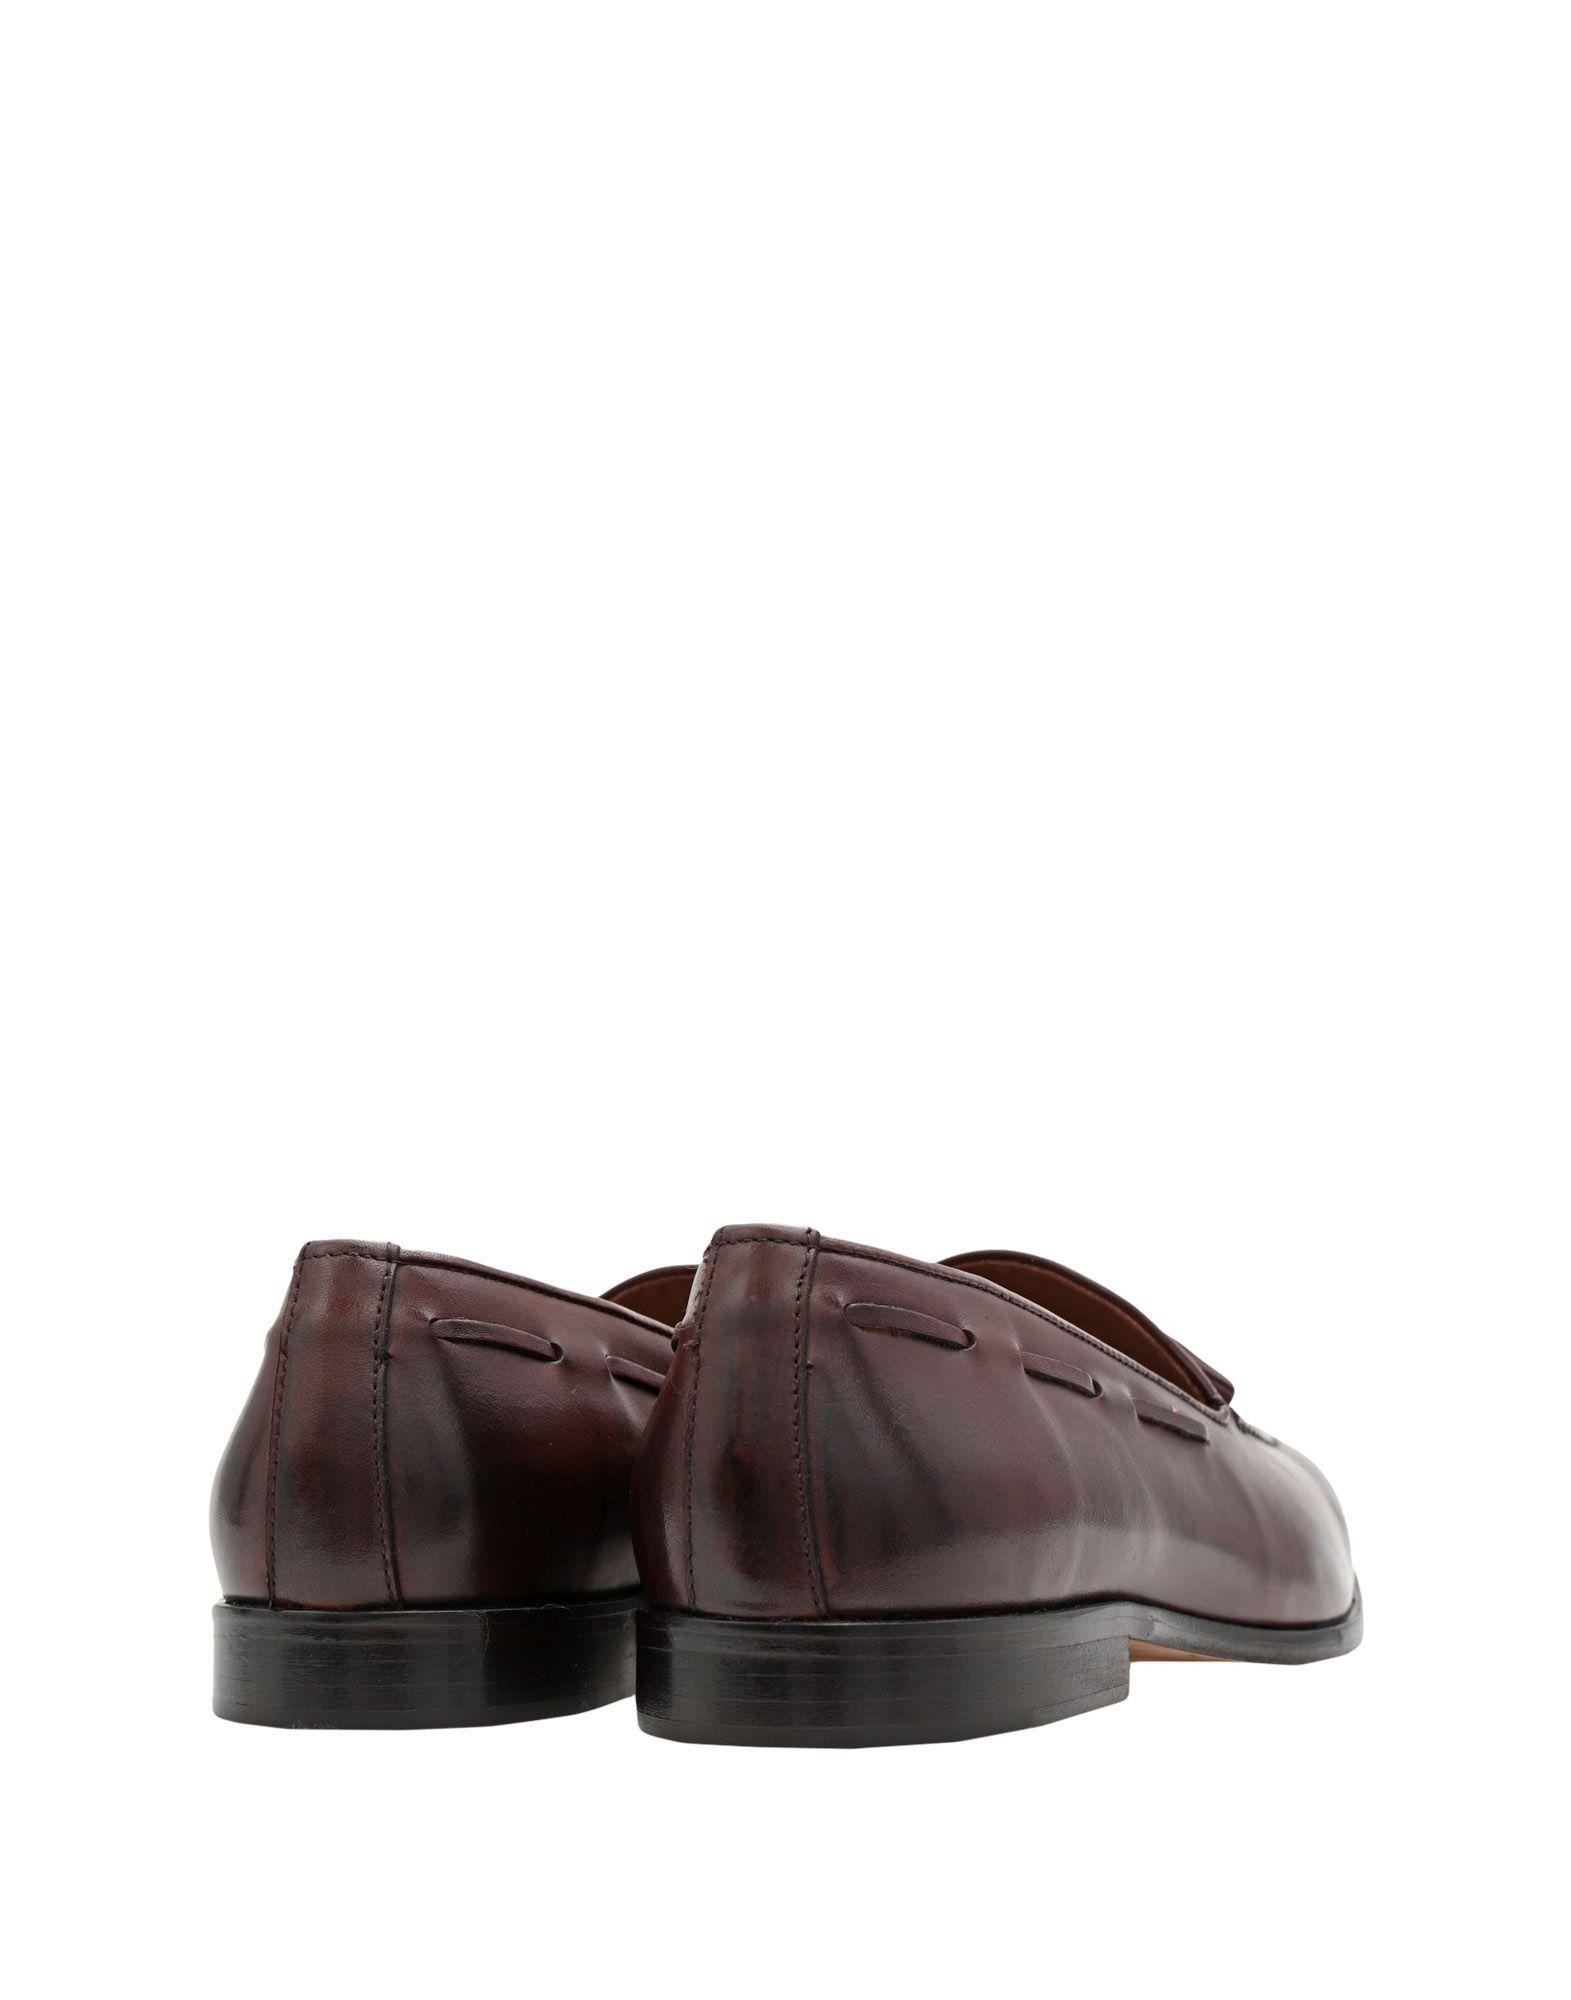 Leonardo Principi Mokassins Qualität Herren  11524289HS Gute Qualität Mokassins beliebte Schuhe 32d71e